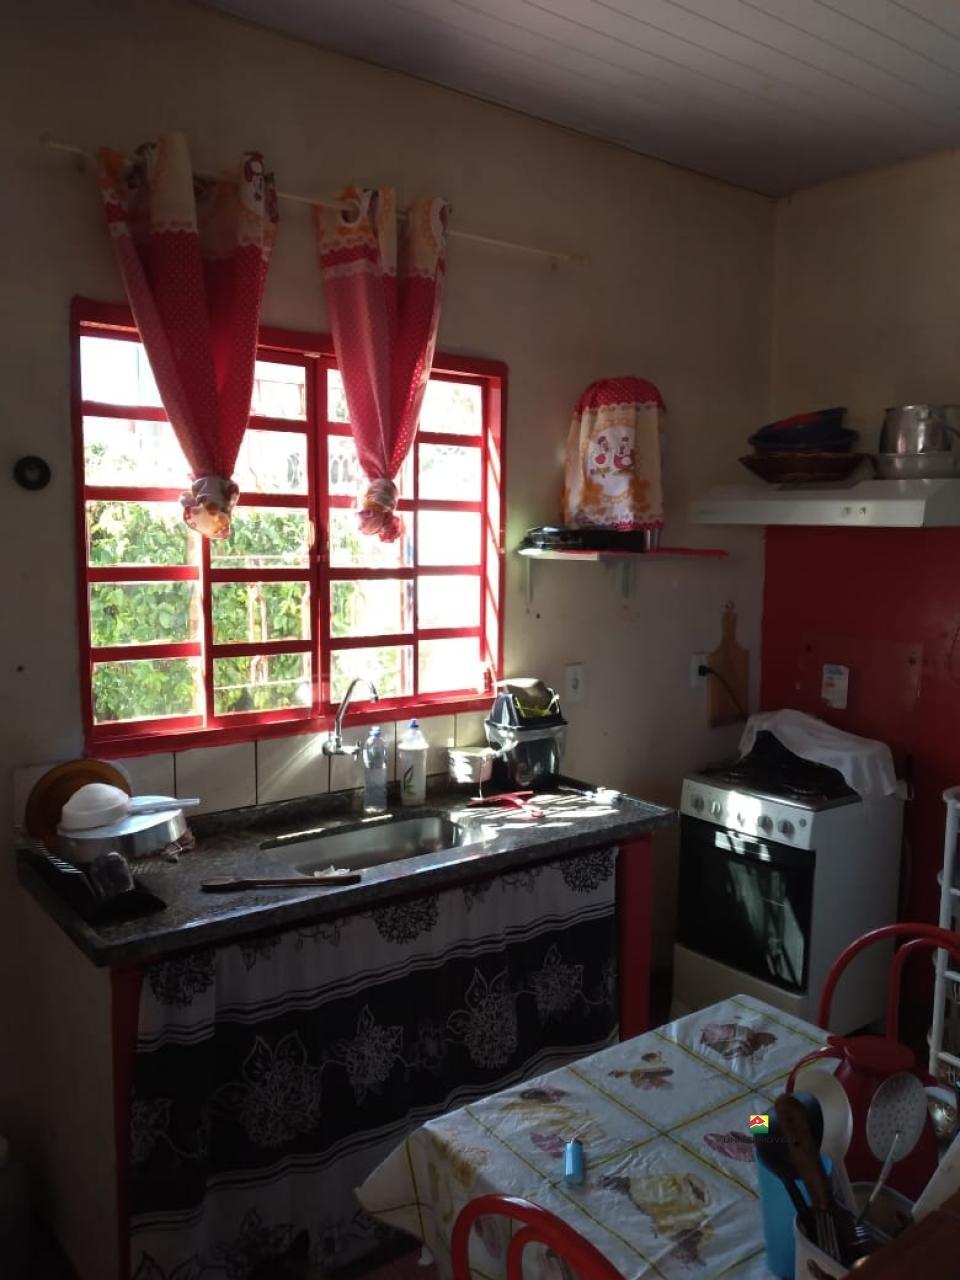 http://www2.sgn2.com.br/clientes/itirapina/vda/v2521a.jpg